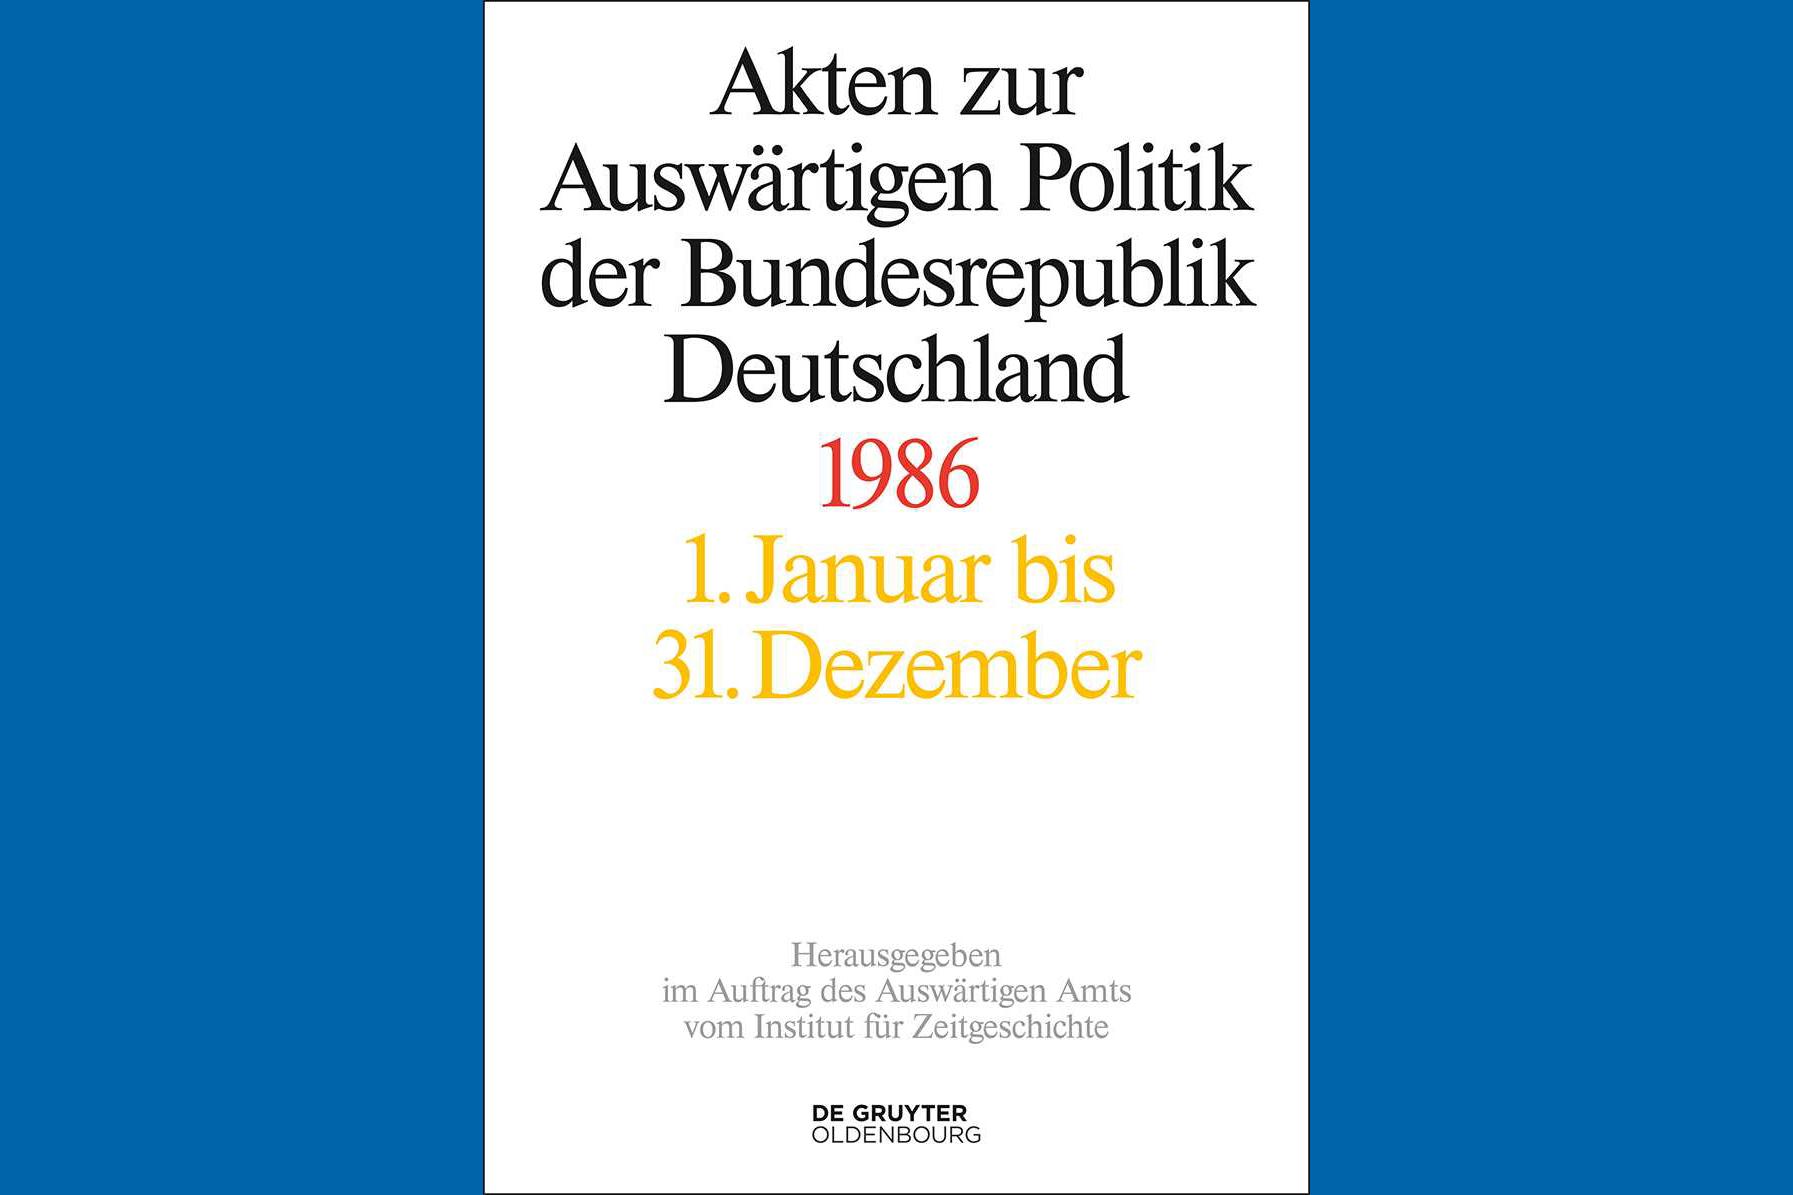 Buchcover Akten zur Auswärtigen Politik der Bundesrepublik Deutschland 1986